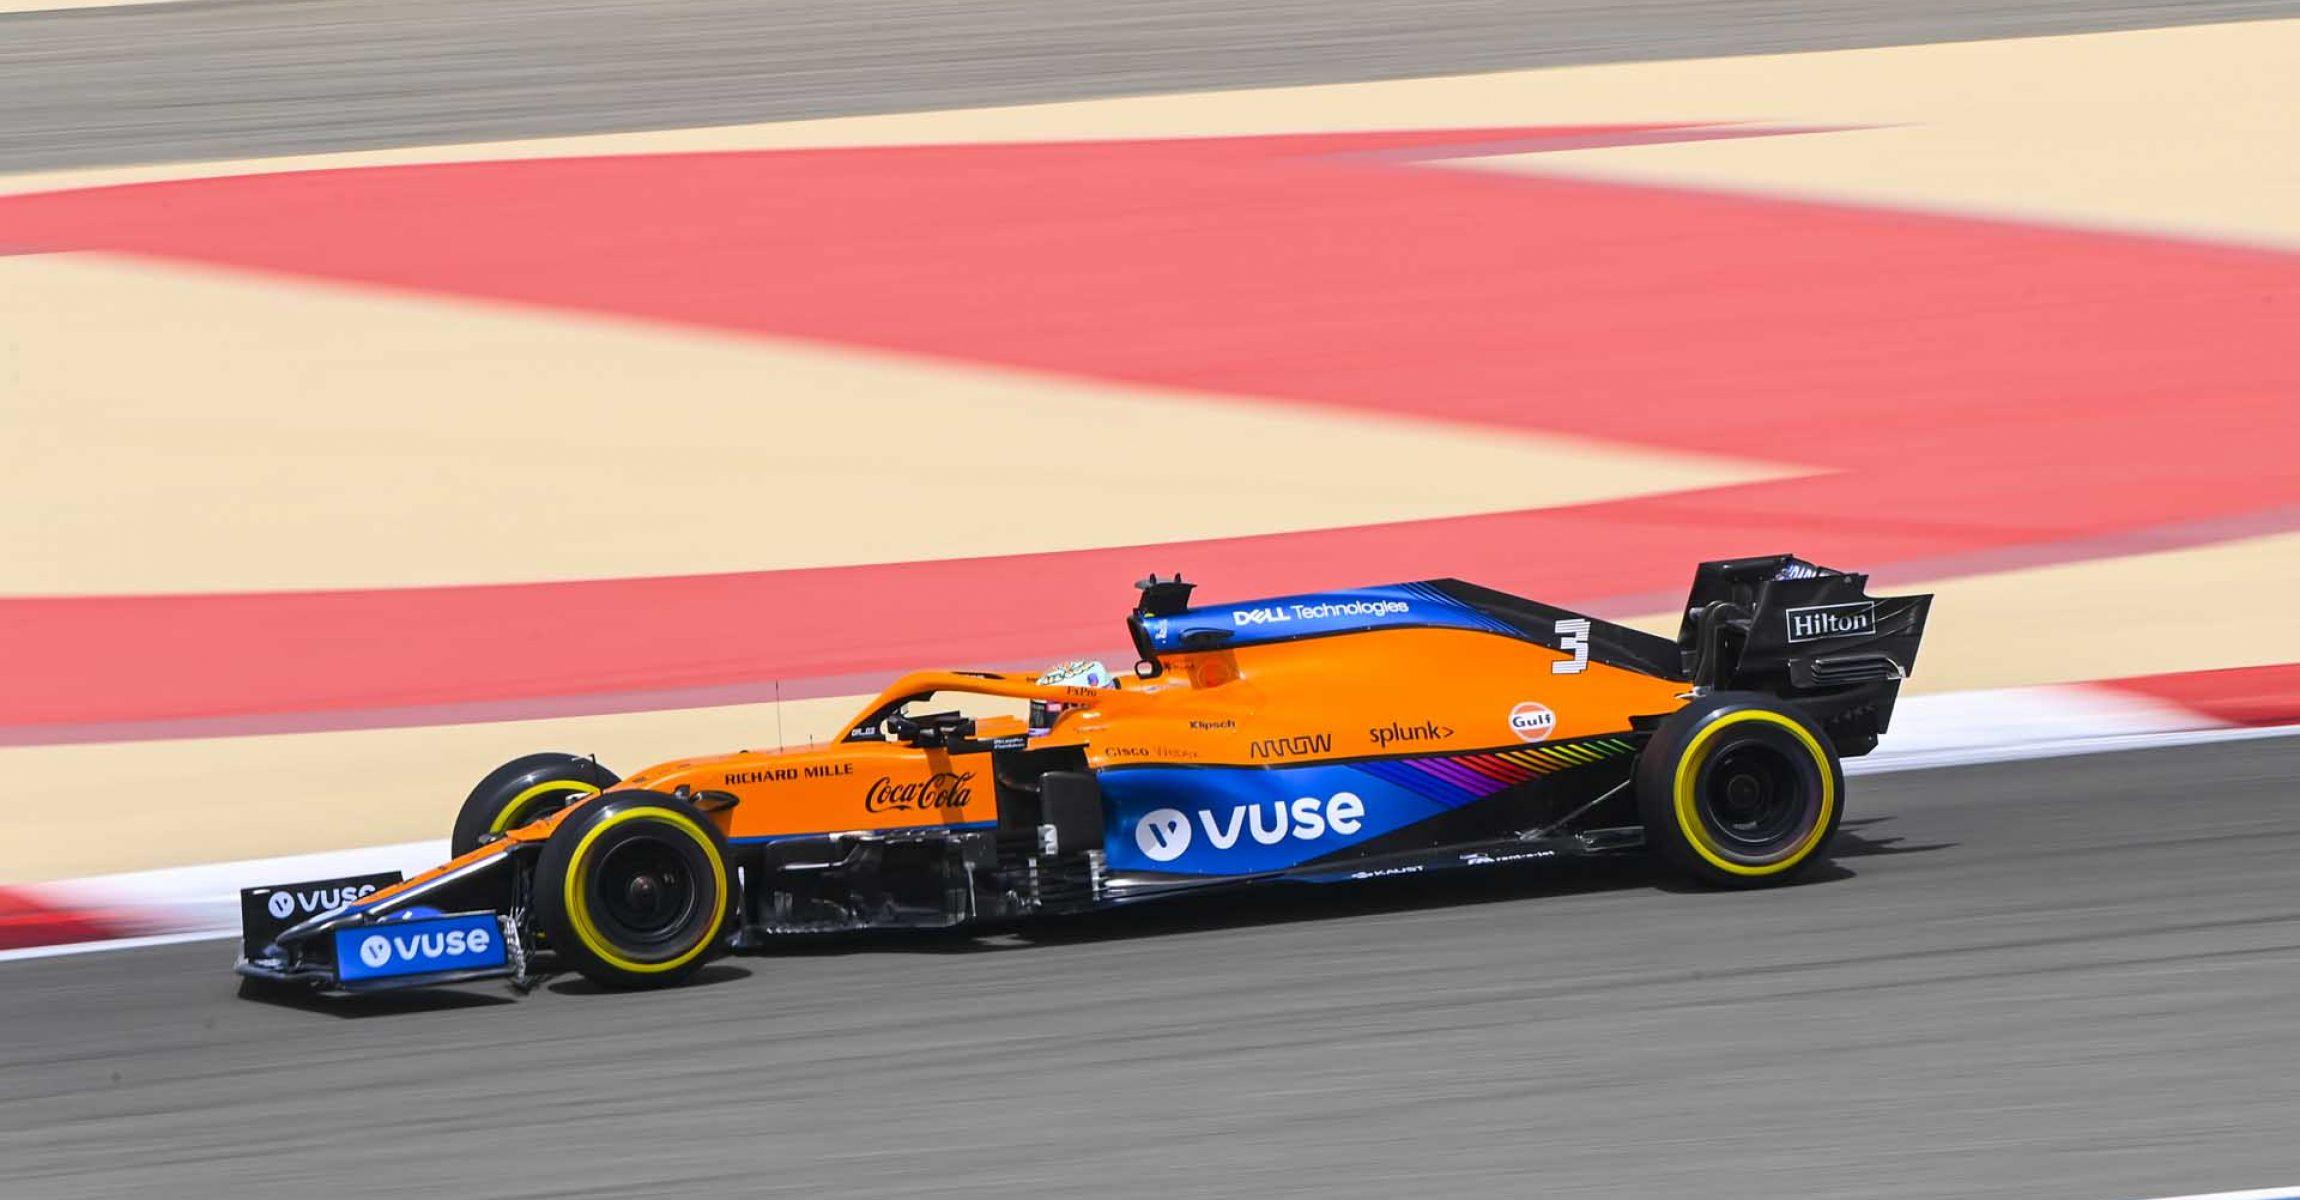 BAHRAIN INTERNATIONAL CIRCUIT, BAHRAIN - MARCH 13: Daniel Ricciardo, McLaren MCL35M during the Bahrain March testing at Bahrain International Circuit on Saturday March 13, 2021 in Sakhir, Bahrain. (Photo by Mark Sutton / LAT Images)